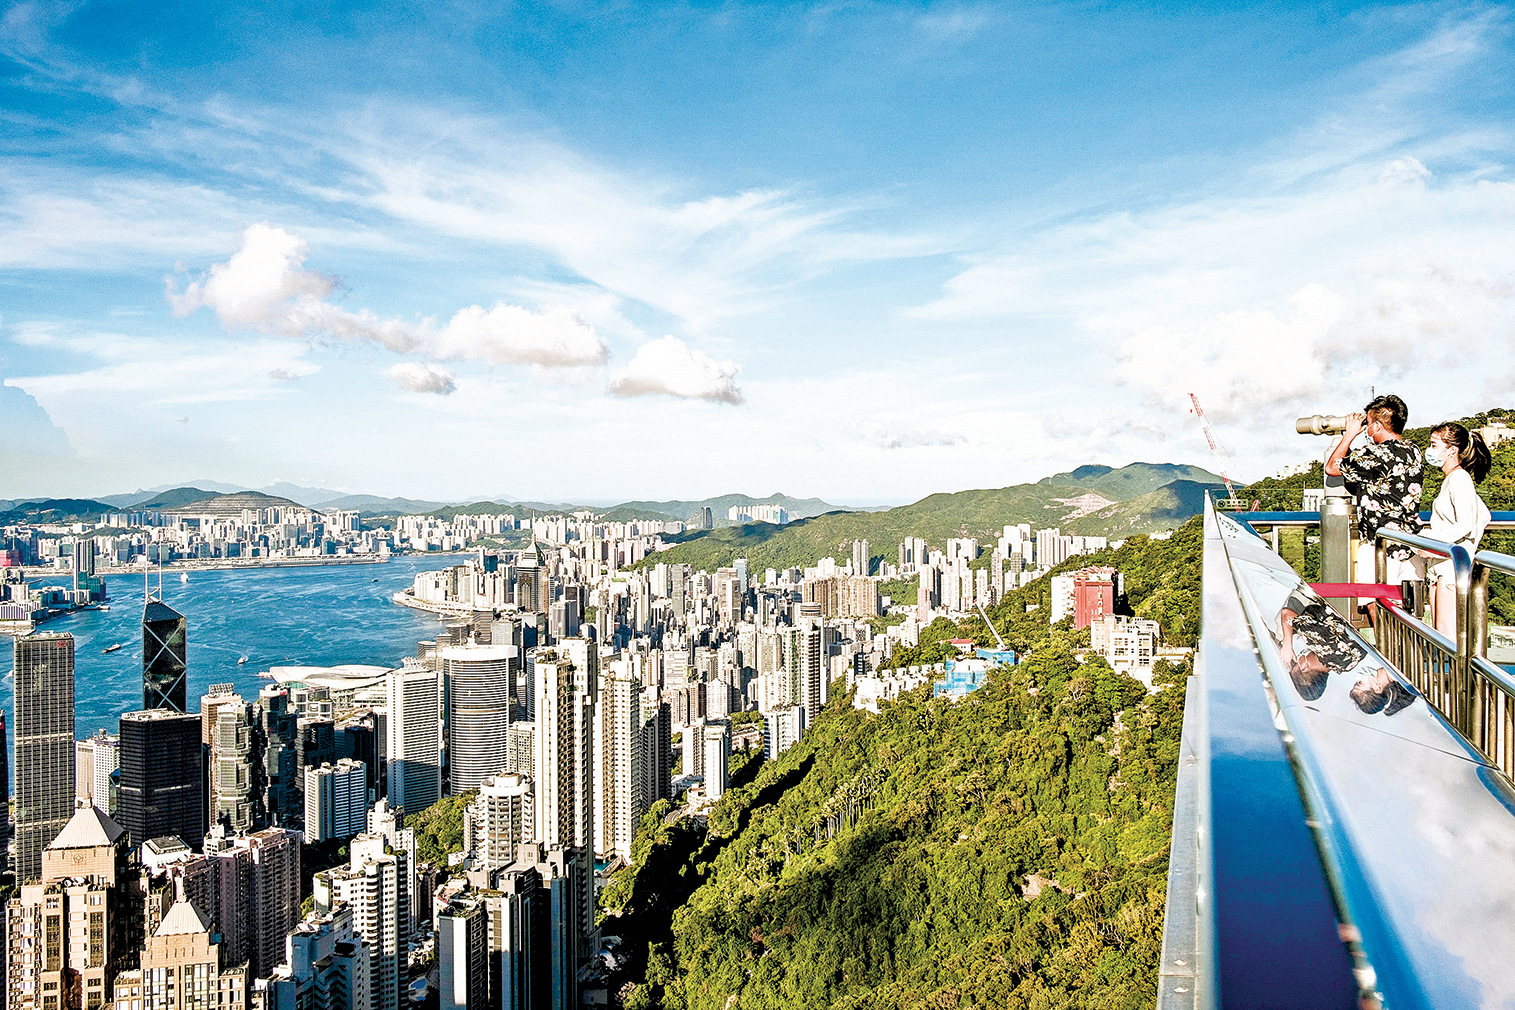 中共長年利用香港搞「白蟻政策」,逐漸蛀蝕香港和西方社會,進而拿下全世界。圖為遊客從太平山頂觀景台俯瞰香港。(Getty Images)